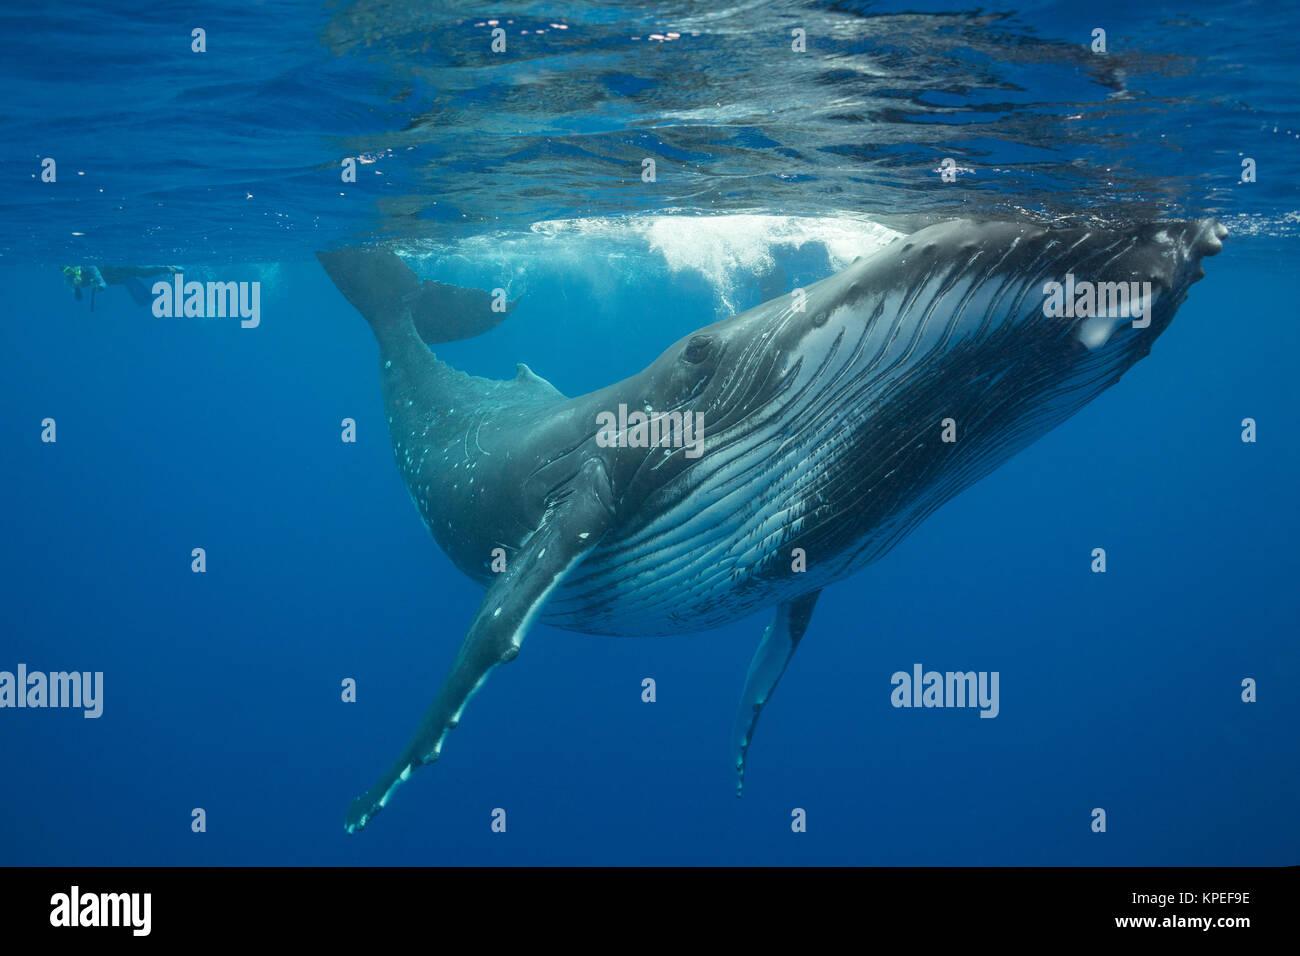 La ballena jorobada, Megaptera novaeangliae, y nadadores, Vava'u, Tonga, Pacífico Sur, MR 497 Imagen De Stock